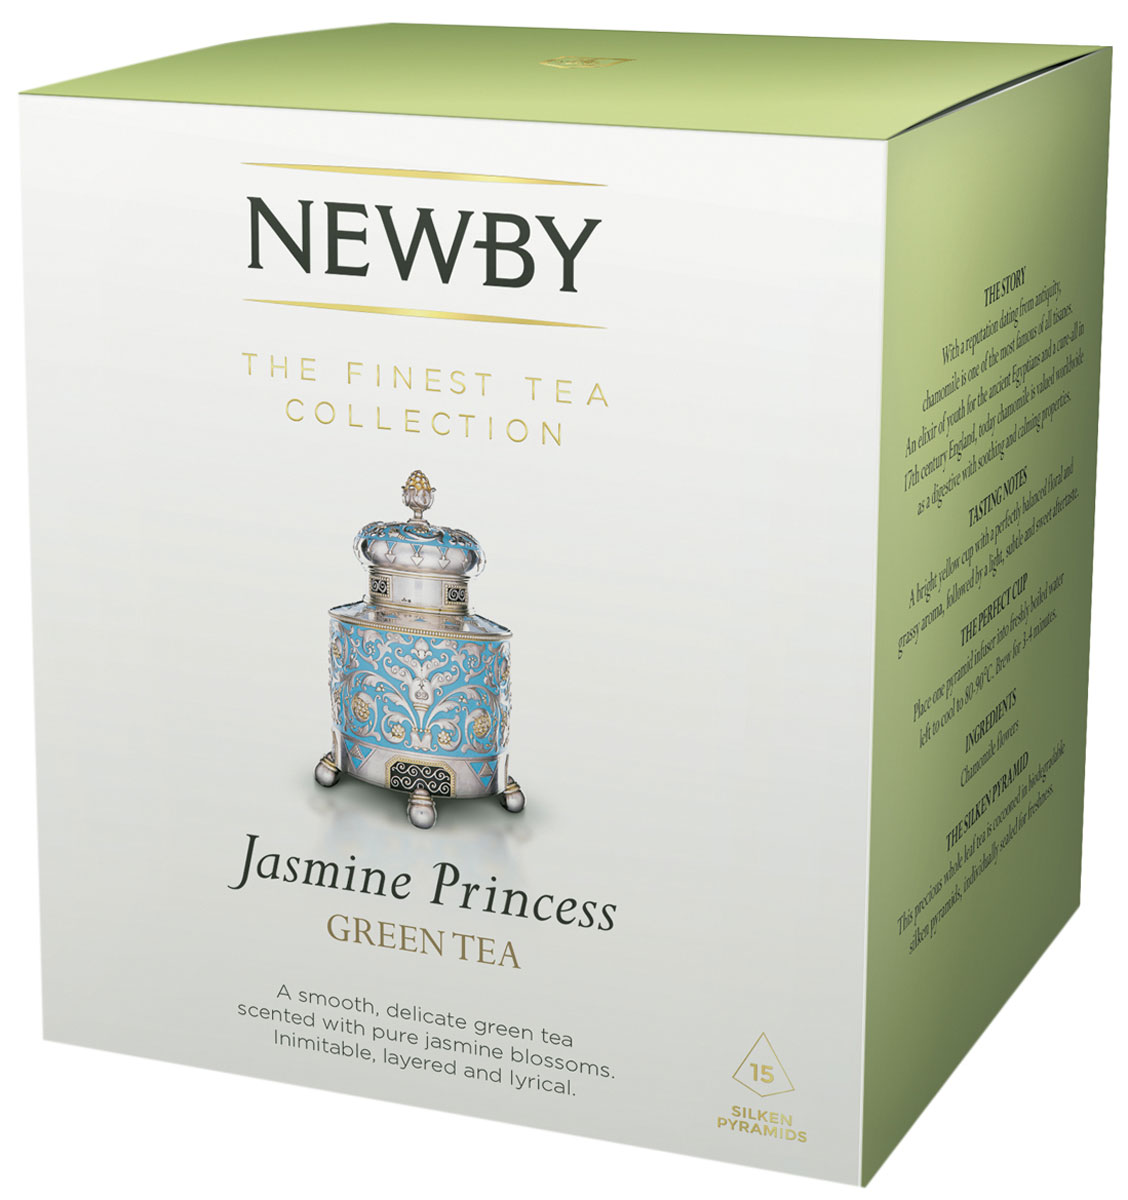 Newby Jasmine Princes зеленый чай в пирамидках, 15 штTALTHA-DP0003Чай Newby Jasmine Princes - это скрученные вручную из нежных типсов жемчужины зеленого чая, ароматизированные свежими цветами жасмина. Каждая пирамидка упакована в индивидуальное саше из алюминиевой фольги для сохранения свежести чайного листа.